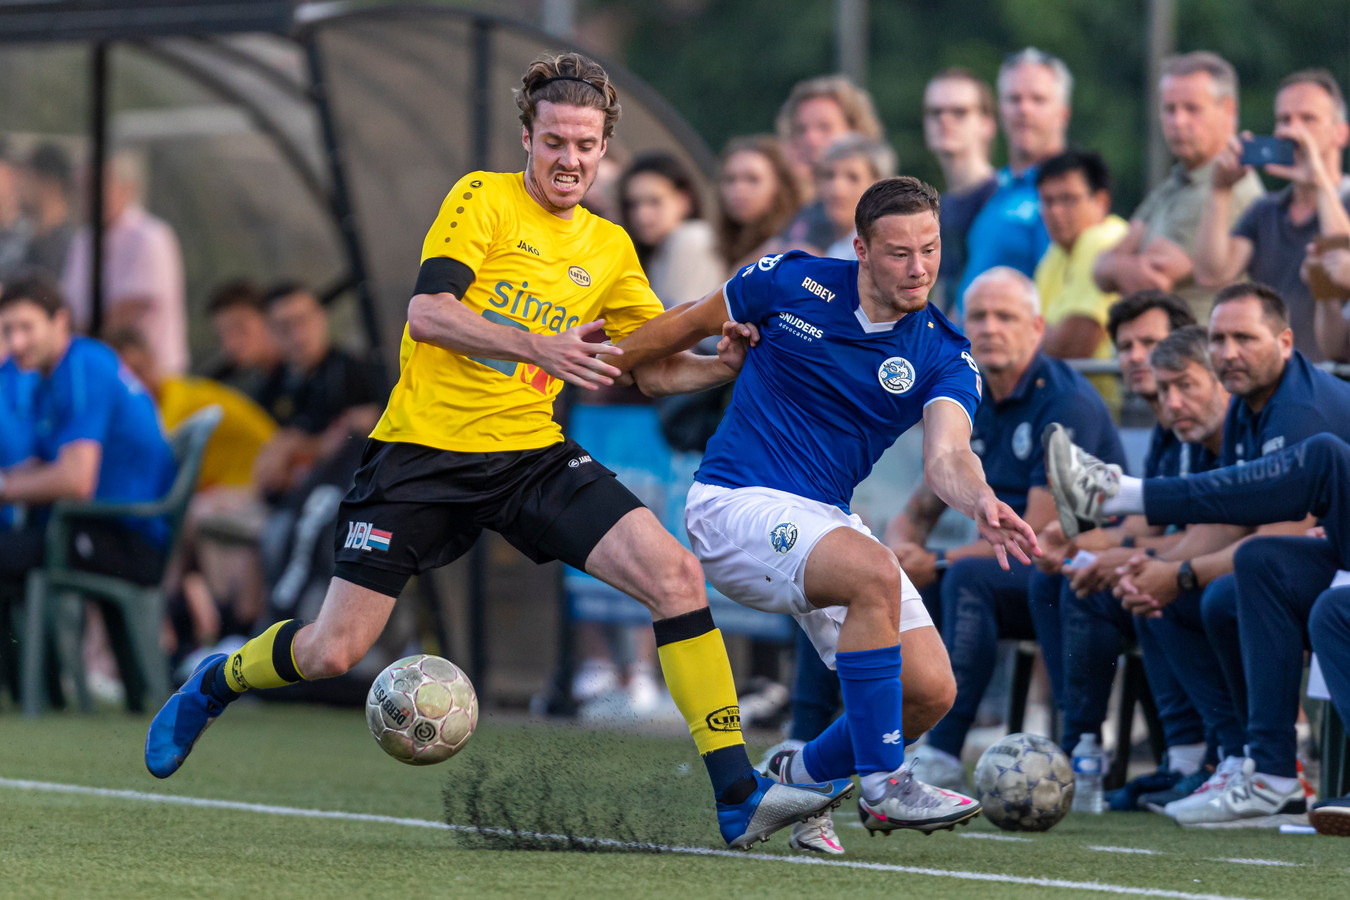 Steven van de Heijden van FC Den Bosch in duel met Jelle Born van UNA.